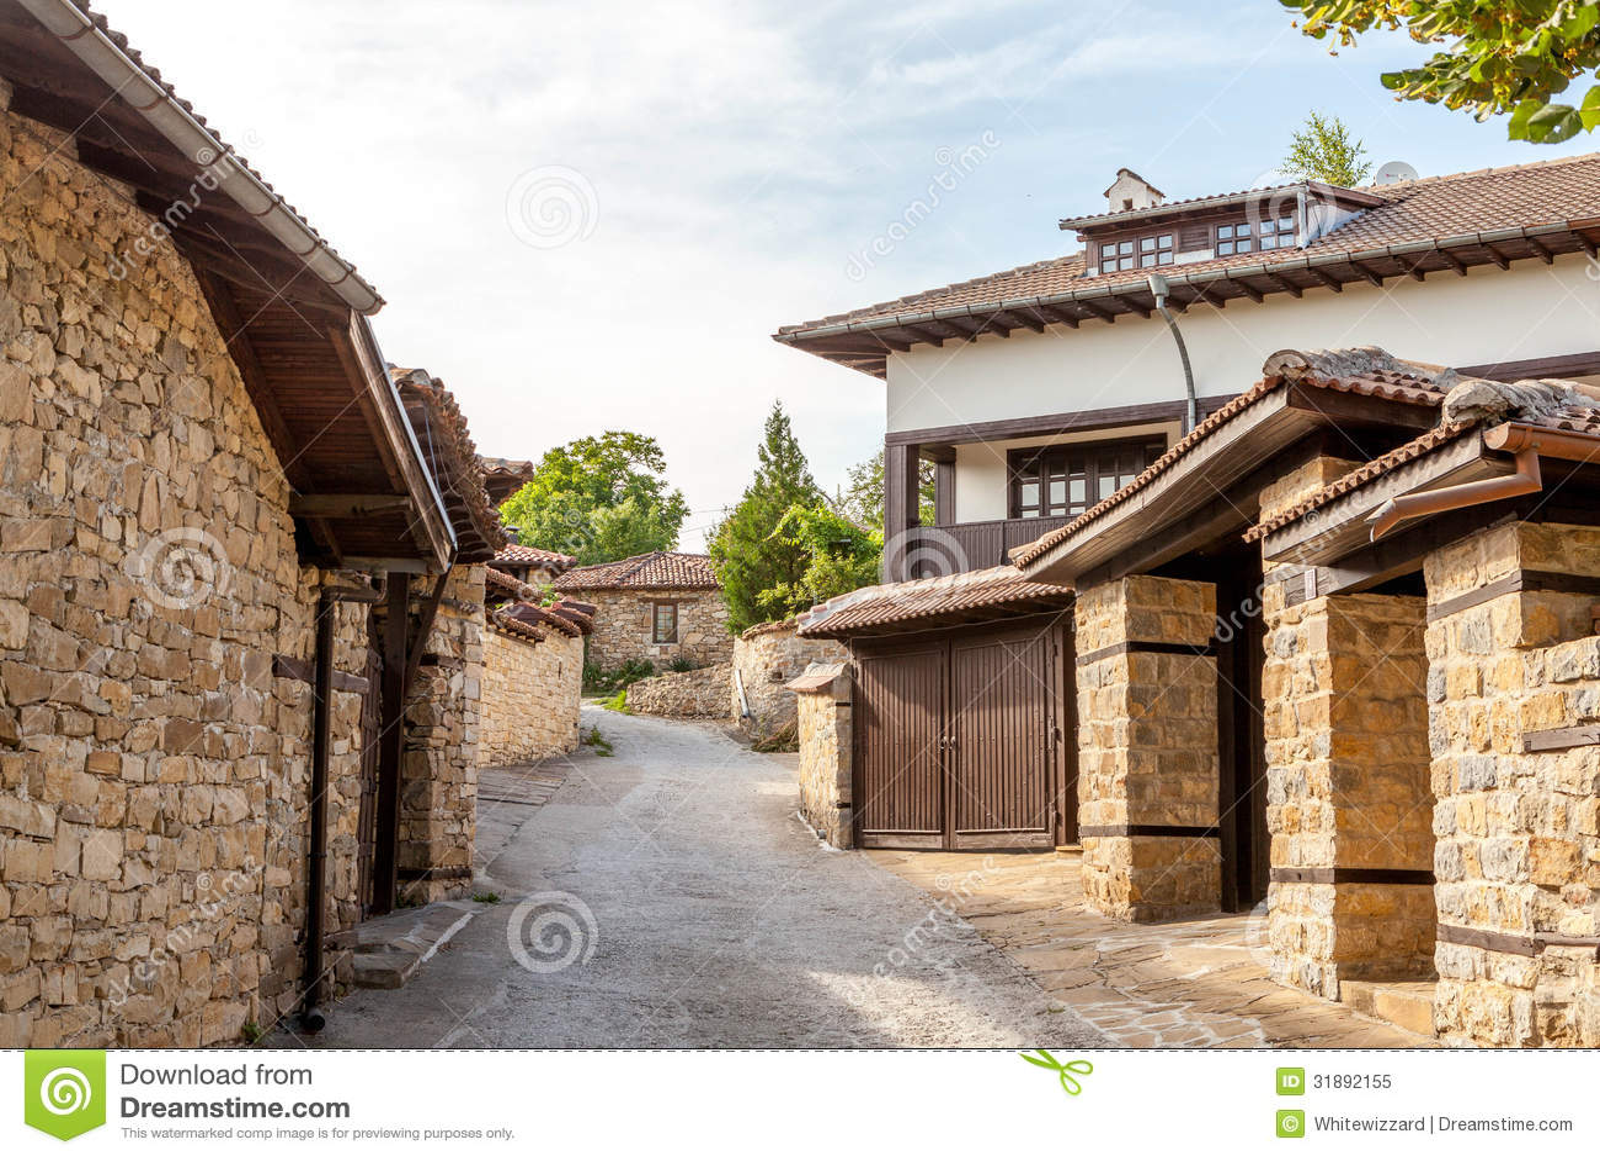 eine steinwand und ein altes haus von arbanasi bulgarien lizenzfreies stockfoto bild 31892155. Black Bedroom Furniture Sets. Home Design Ideas